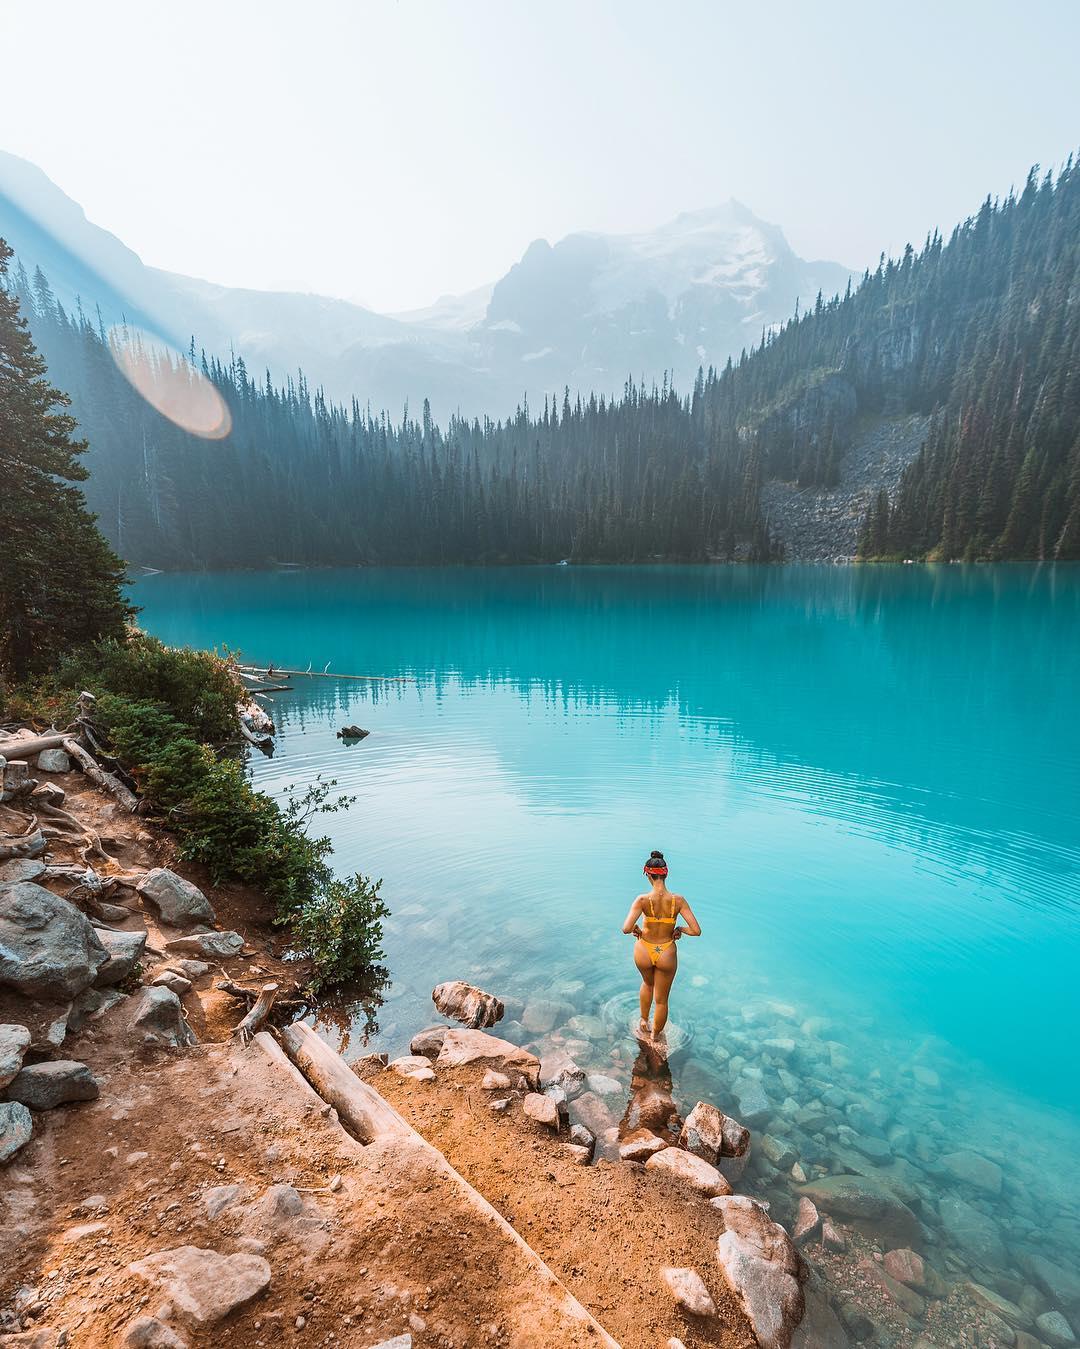 Увлекательные приключения и пейзажи на снимках Энди Ву